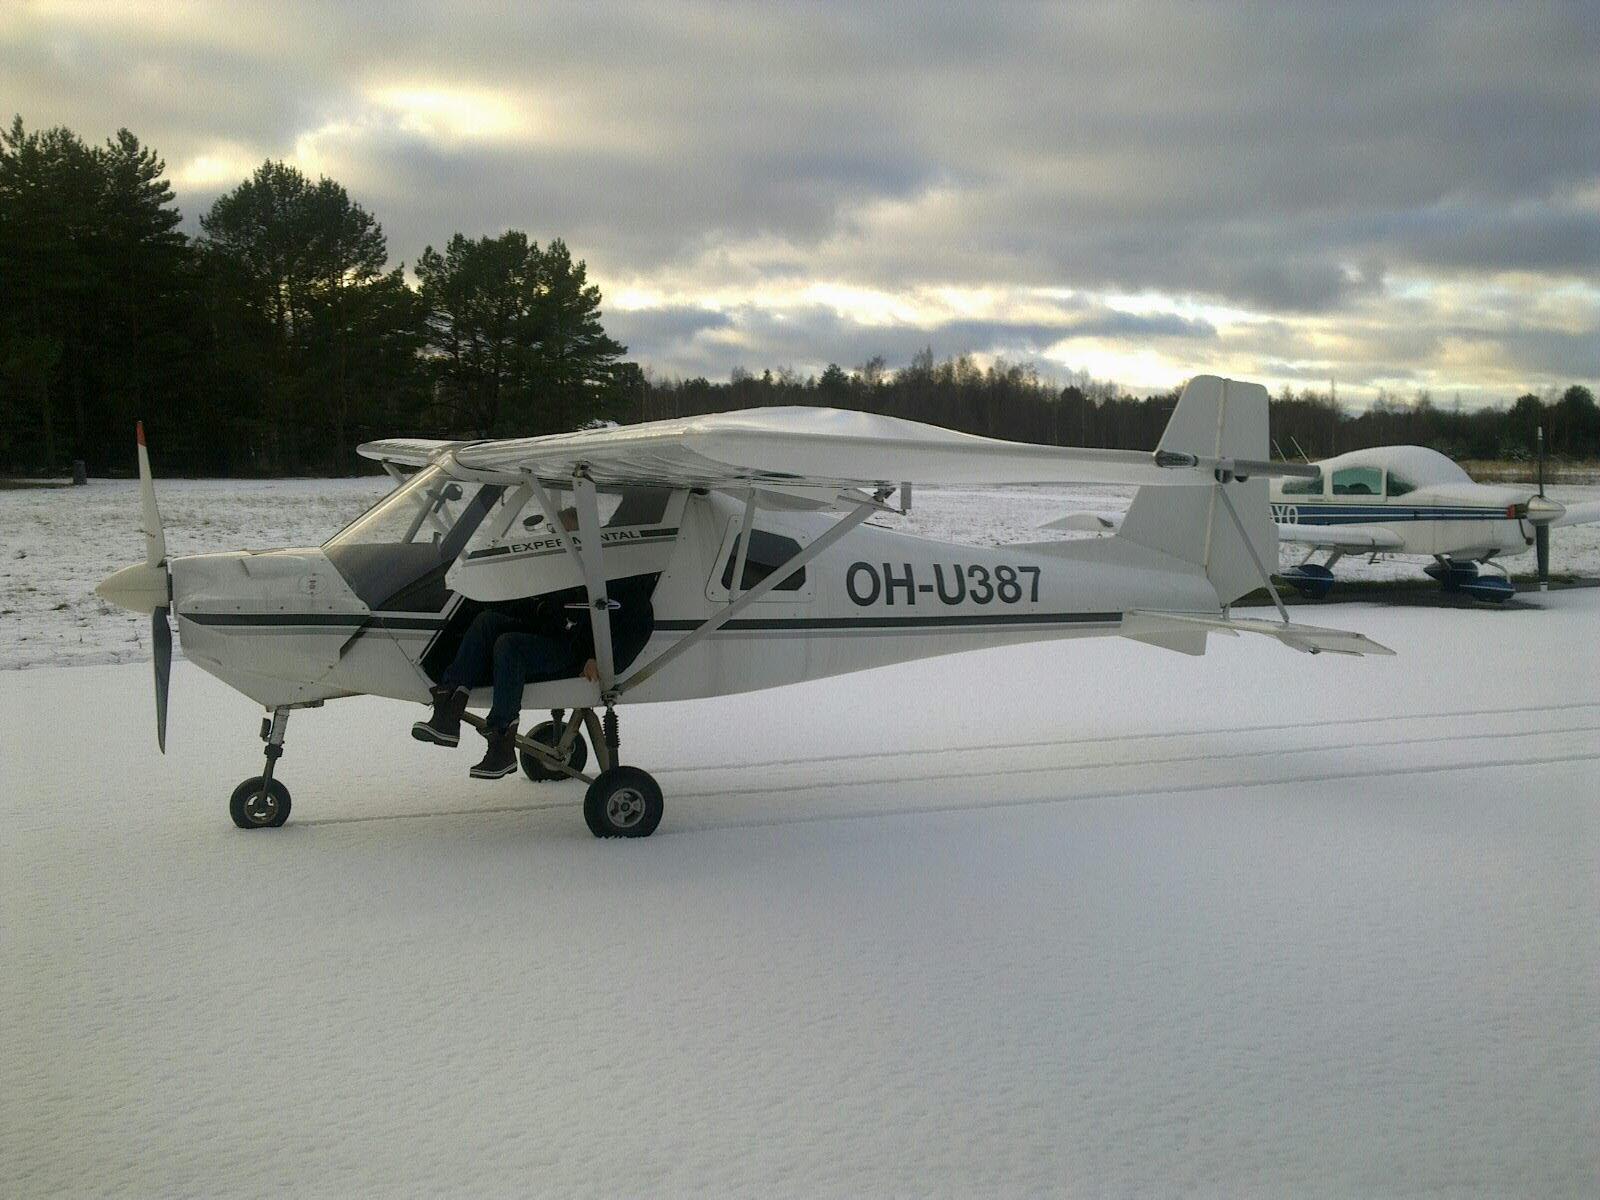 Ikarus C 42 Mod OH-U387 EFHN 2017-12-06